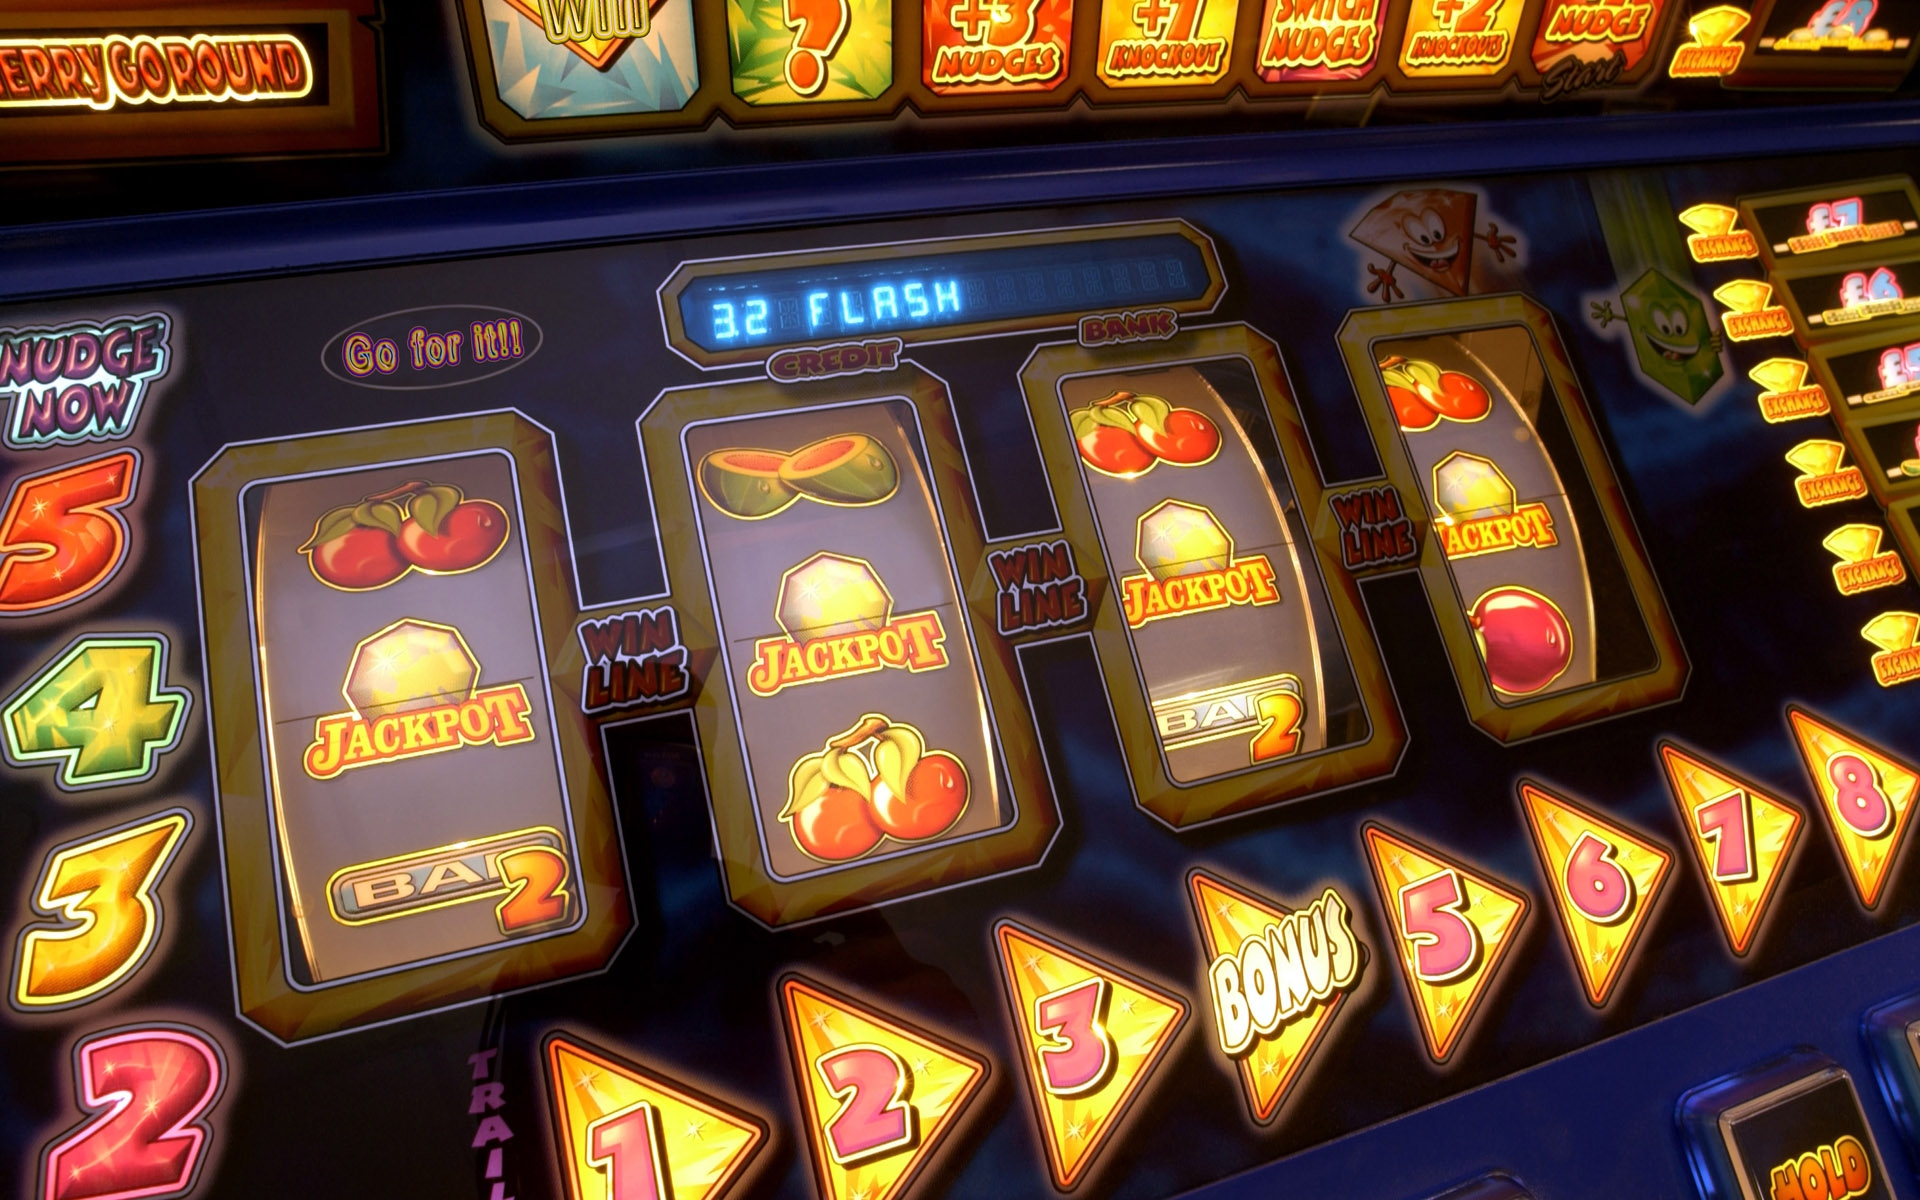 Игровые автоматы в греции игровые автоматы на деньги или играть бесплатно